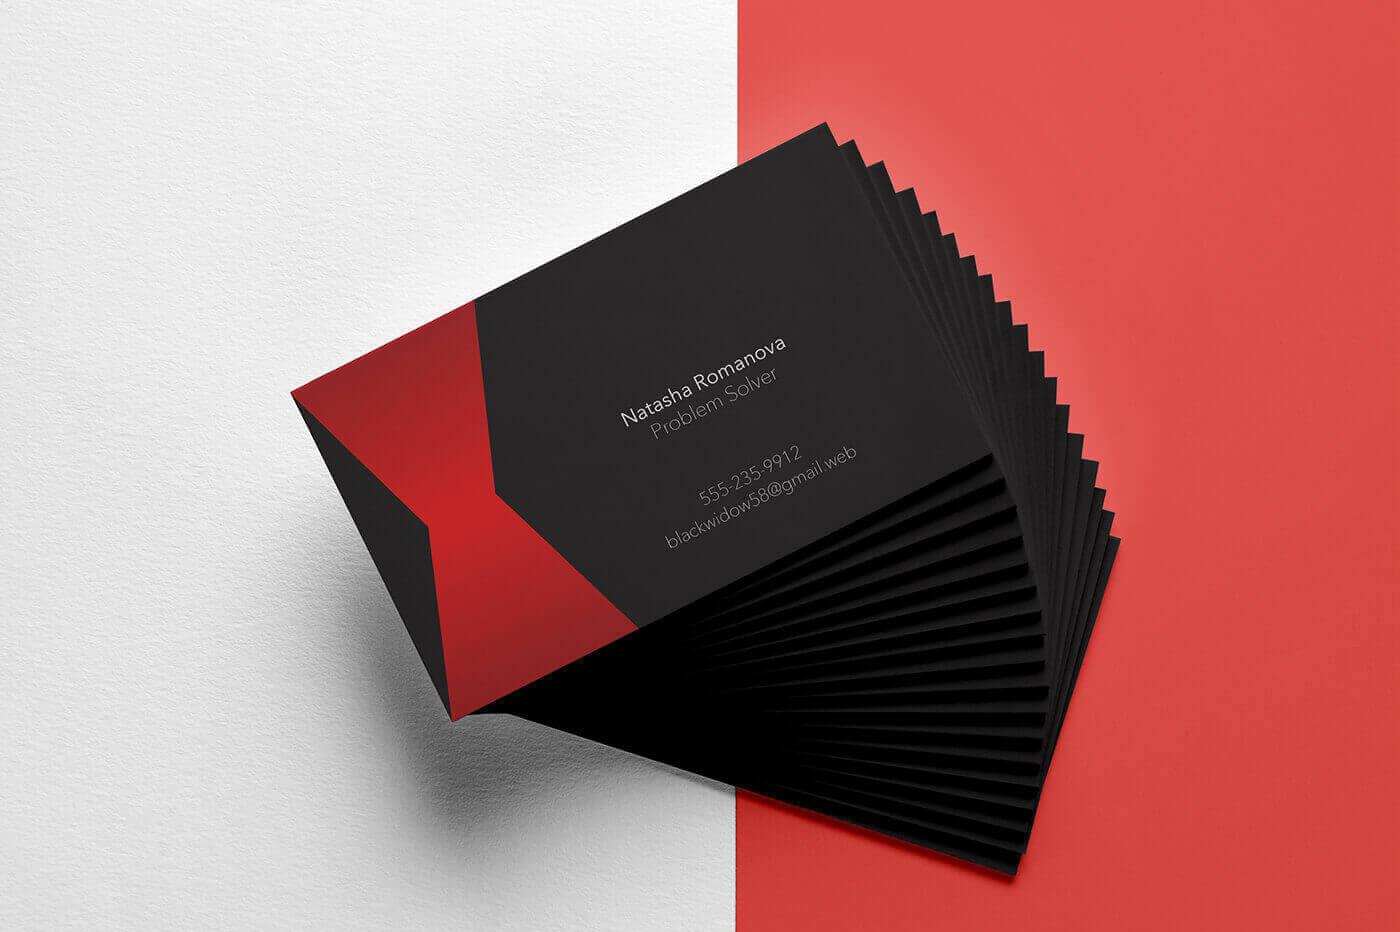 Практично, эстетично, впечатляюще: 3 полезных правила оформления визитных карточек